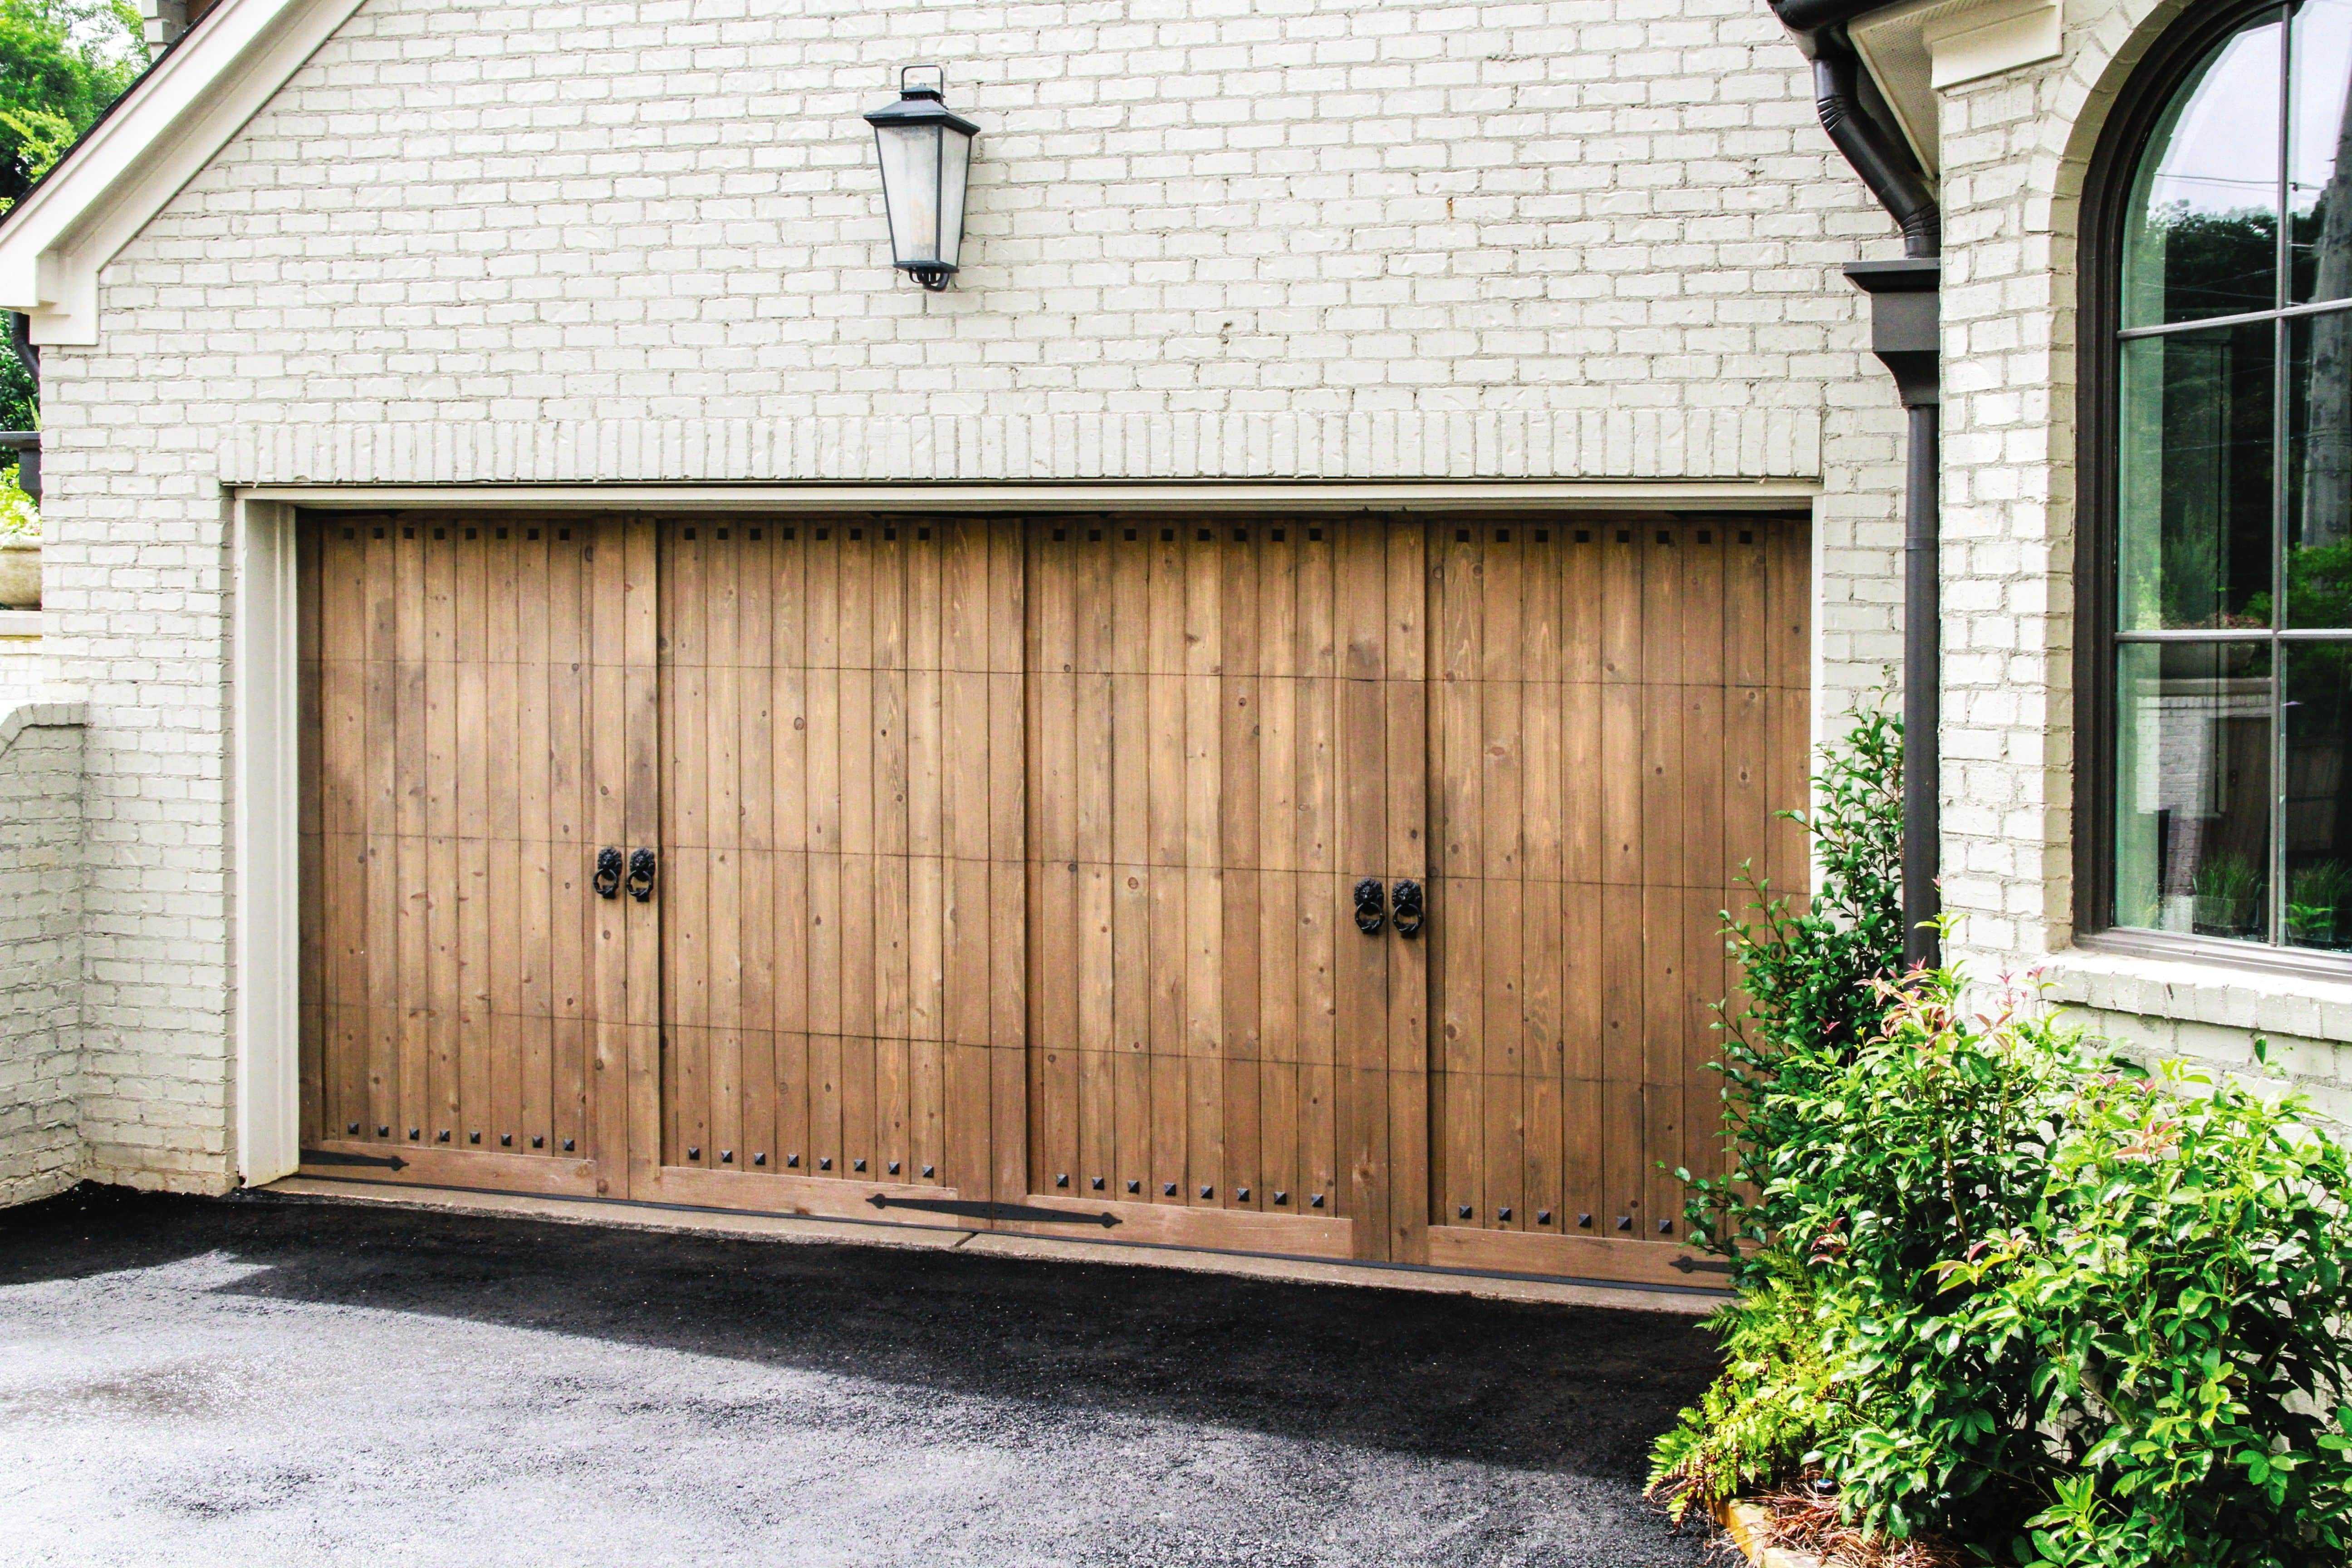 custom wood garage doors with antique handles